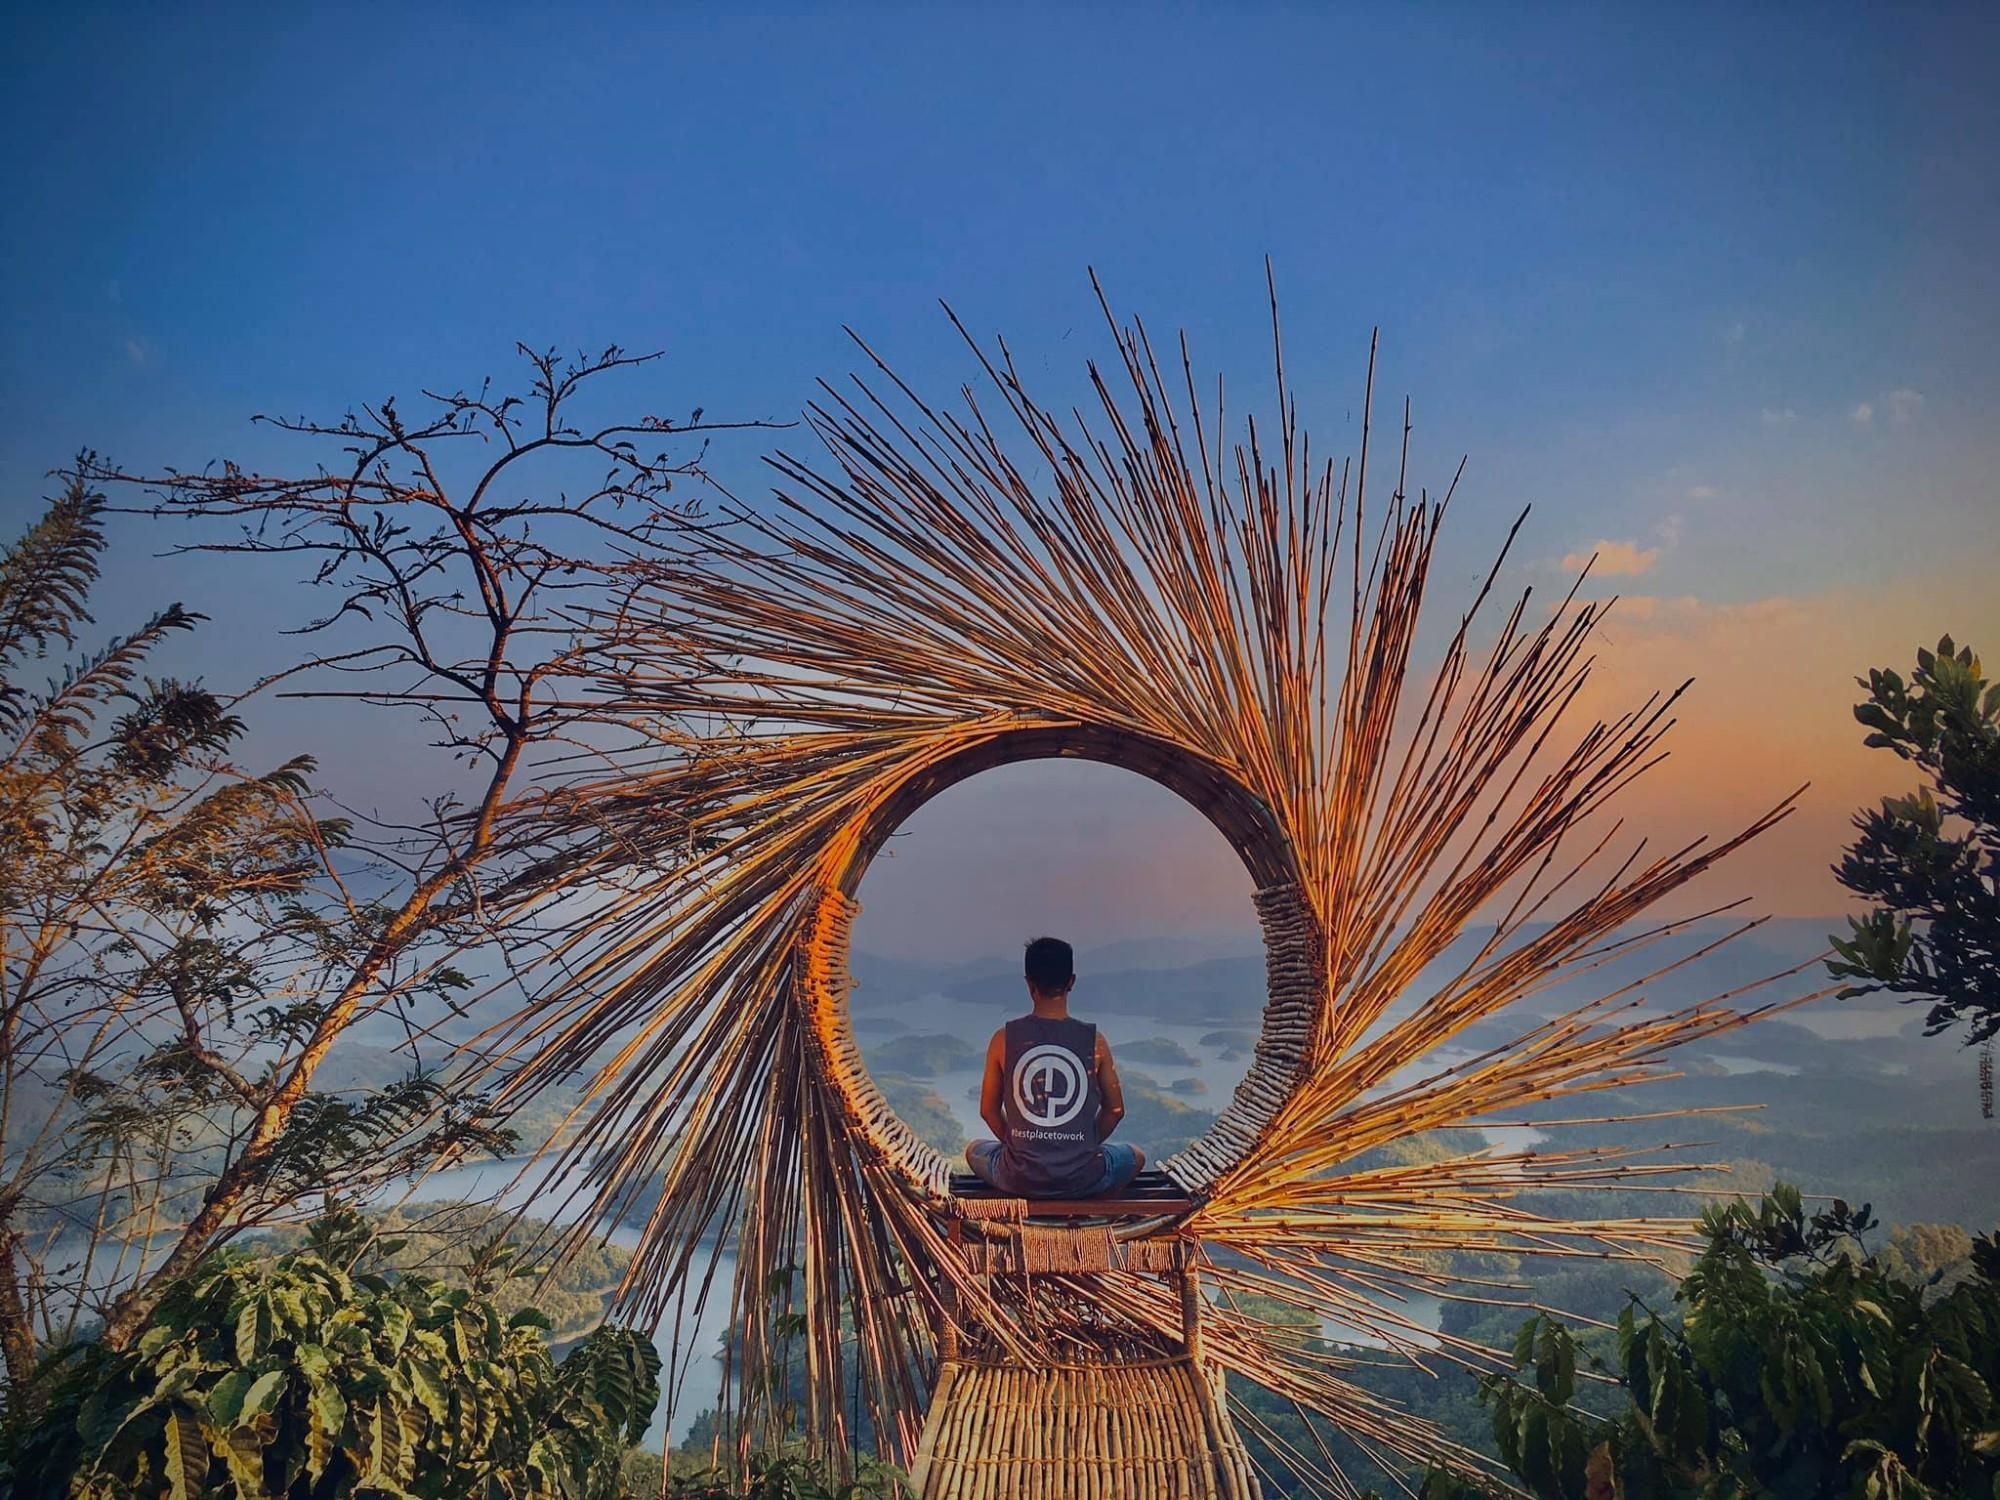 Tour du lịch Bảo Lộc – Rừng Nam Cát Tiên - Hồ Tà Đùng ( 2 Ngày 1 Đêm ) - Áp dụng cho đoàn 10 khách trở lên